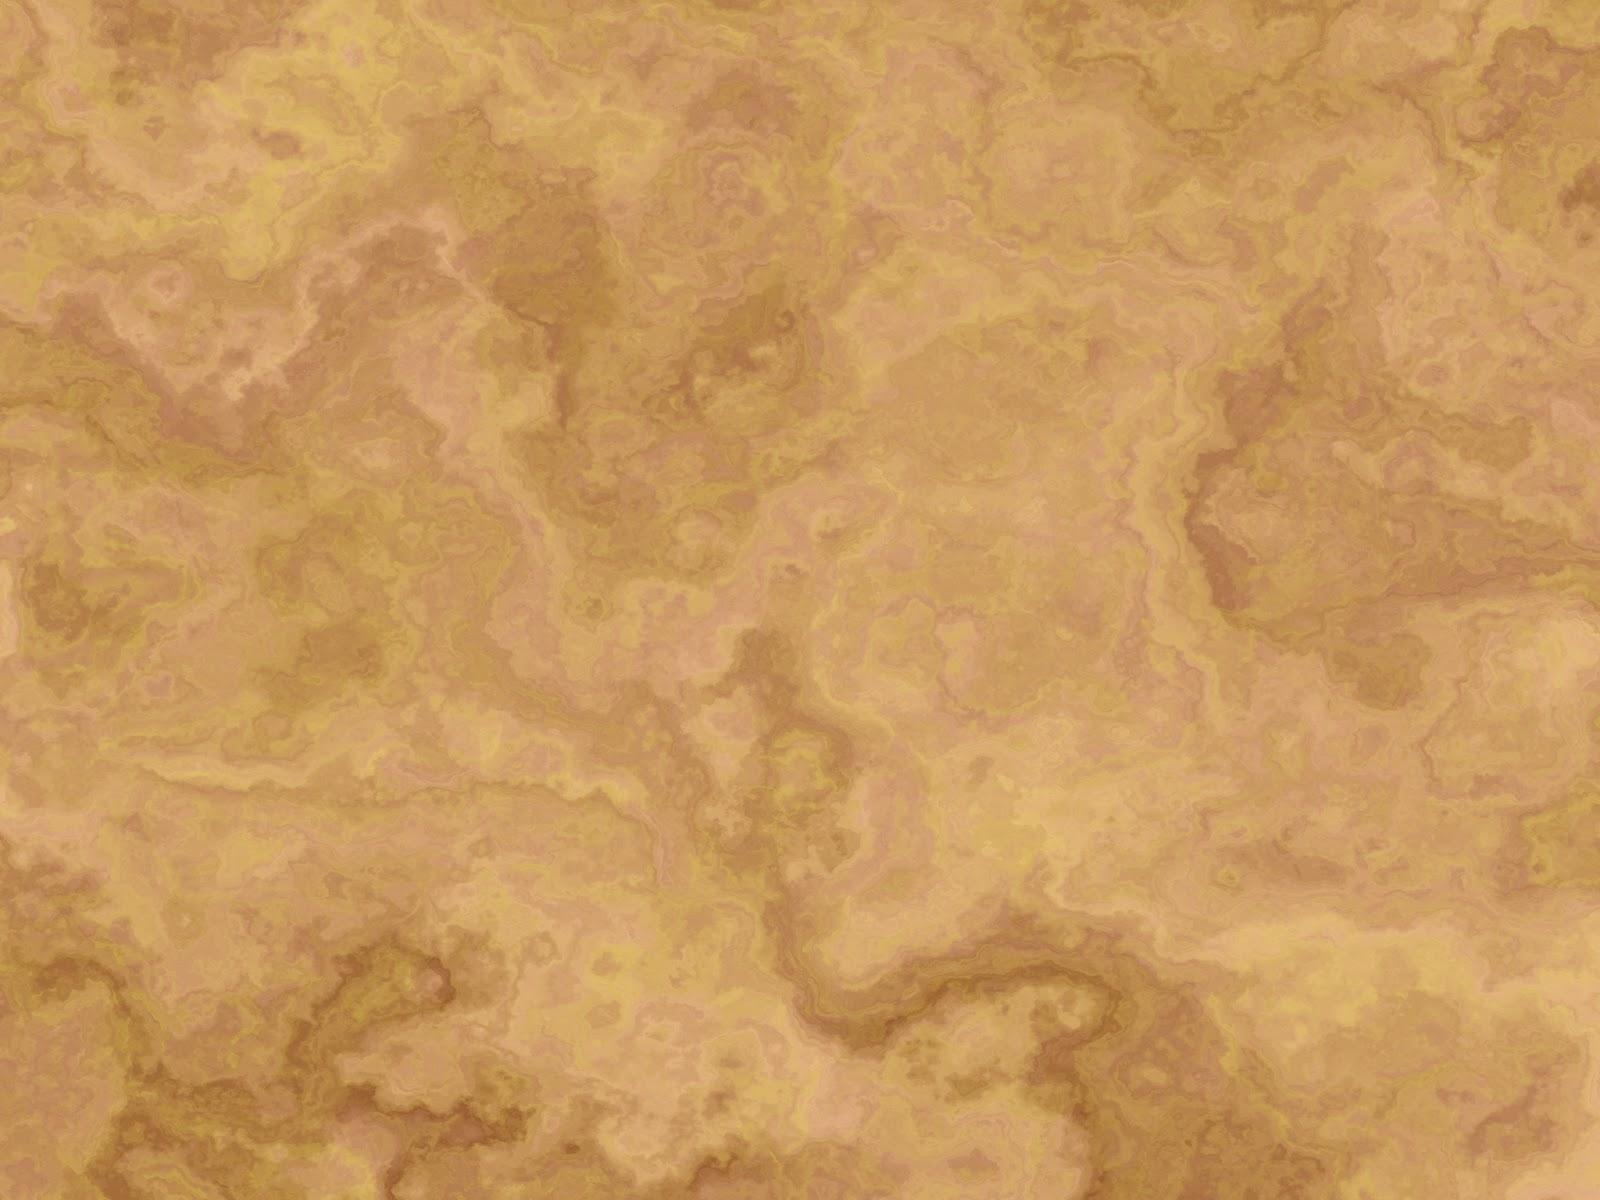 http://3.bp.blogspot.com/-146tEJaOV6Q/UJv1RvaV3aI/AAAAAAAAP9E/rrREUF4b2UU/s1600/ipad-wallpaper-texture-surface-free-public-domain.jpg